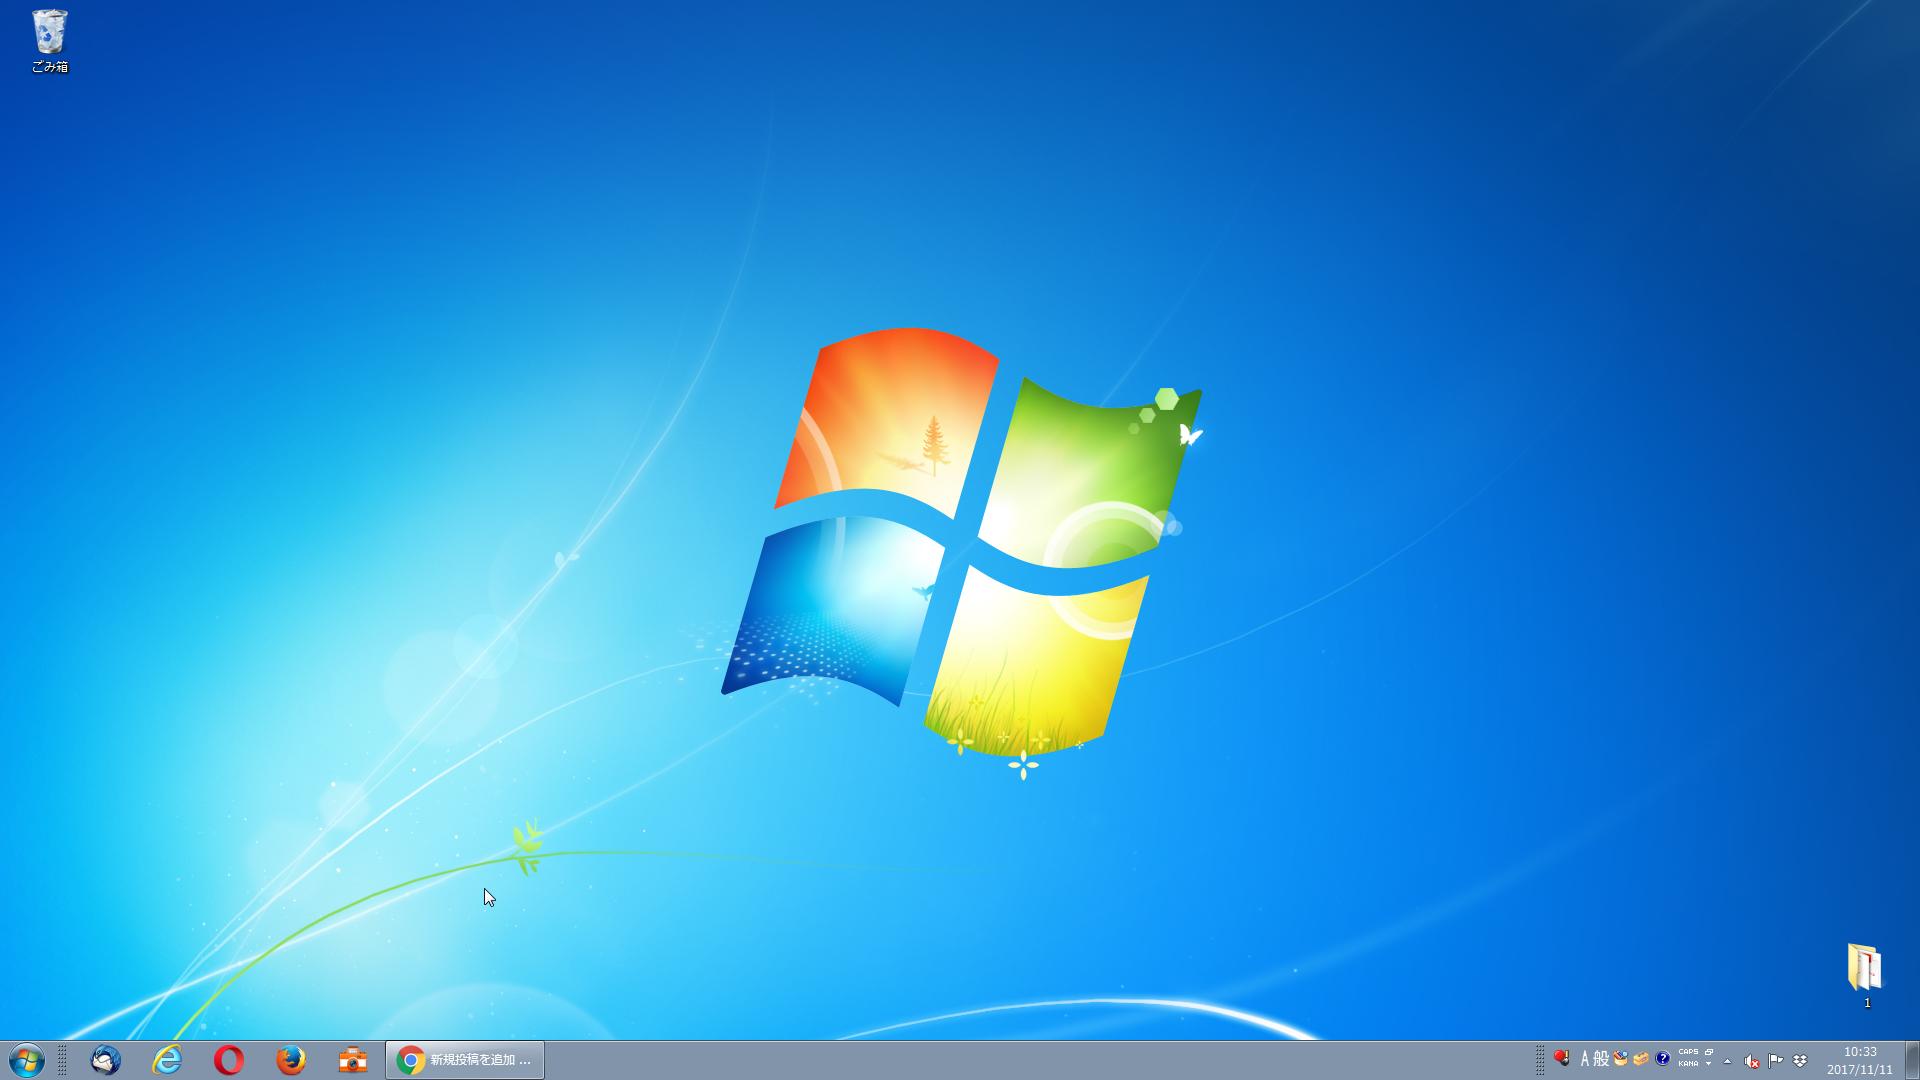 タスクバーが表示されている状態のデスクトップ画面